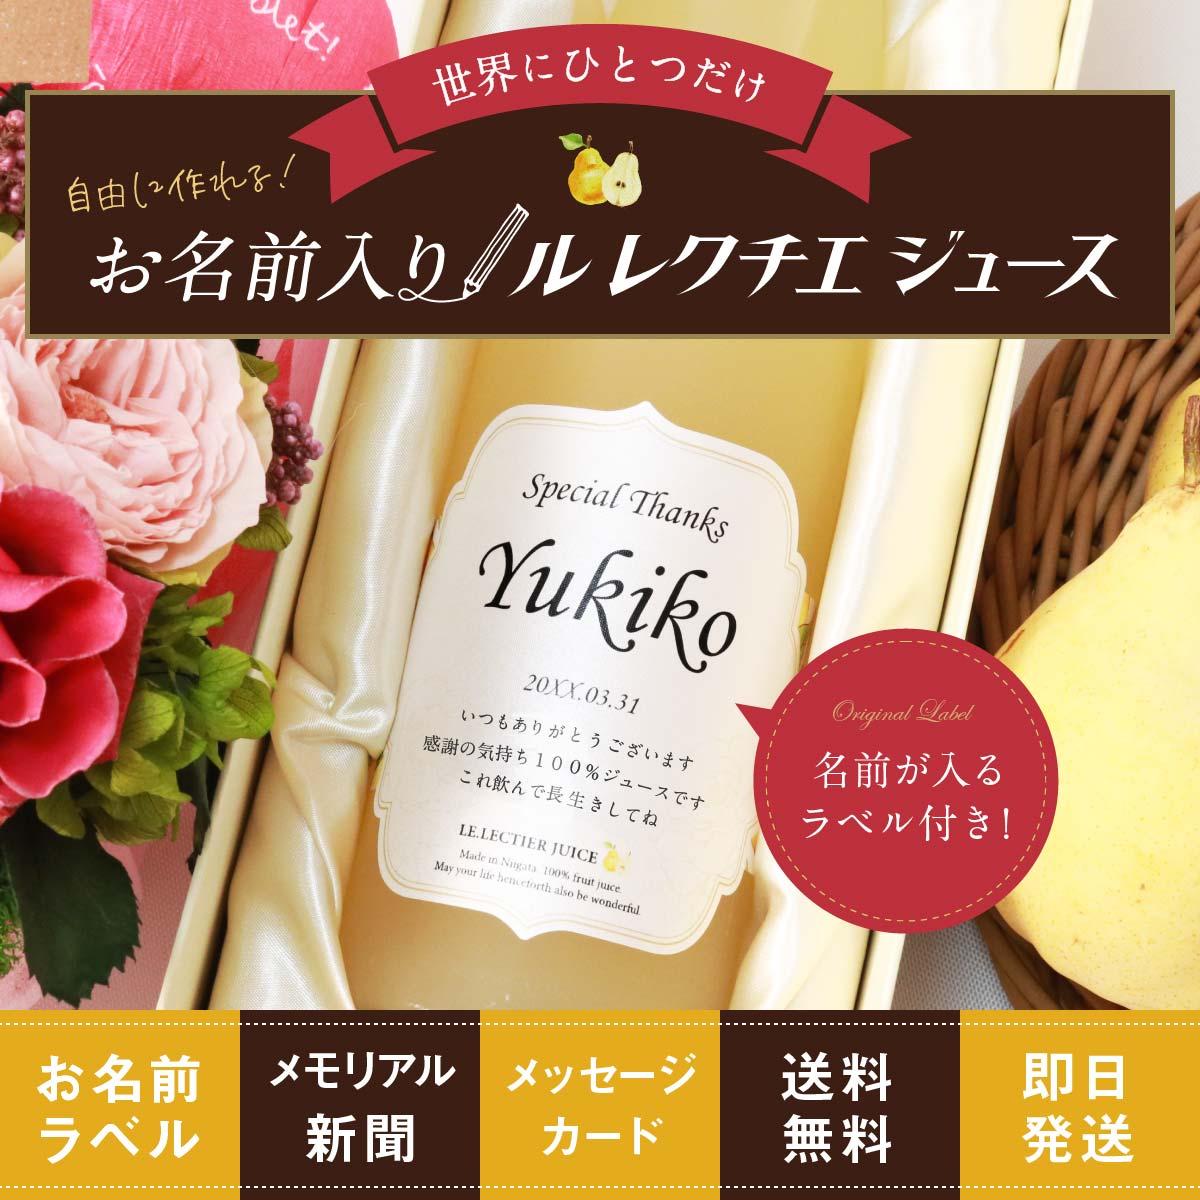 喜寿祝い|高級果実、ル・レクチエ(洋梨)果汁100%「chou-chou」500ml(ジュース)